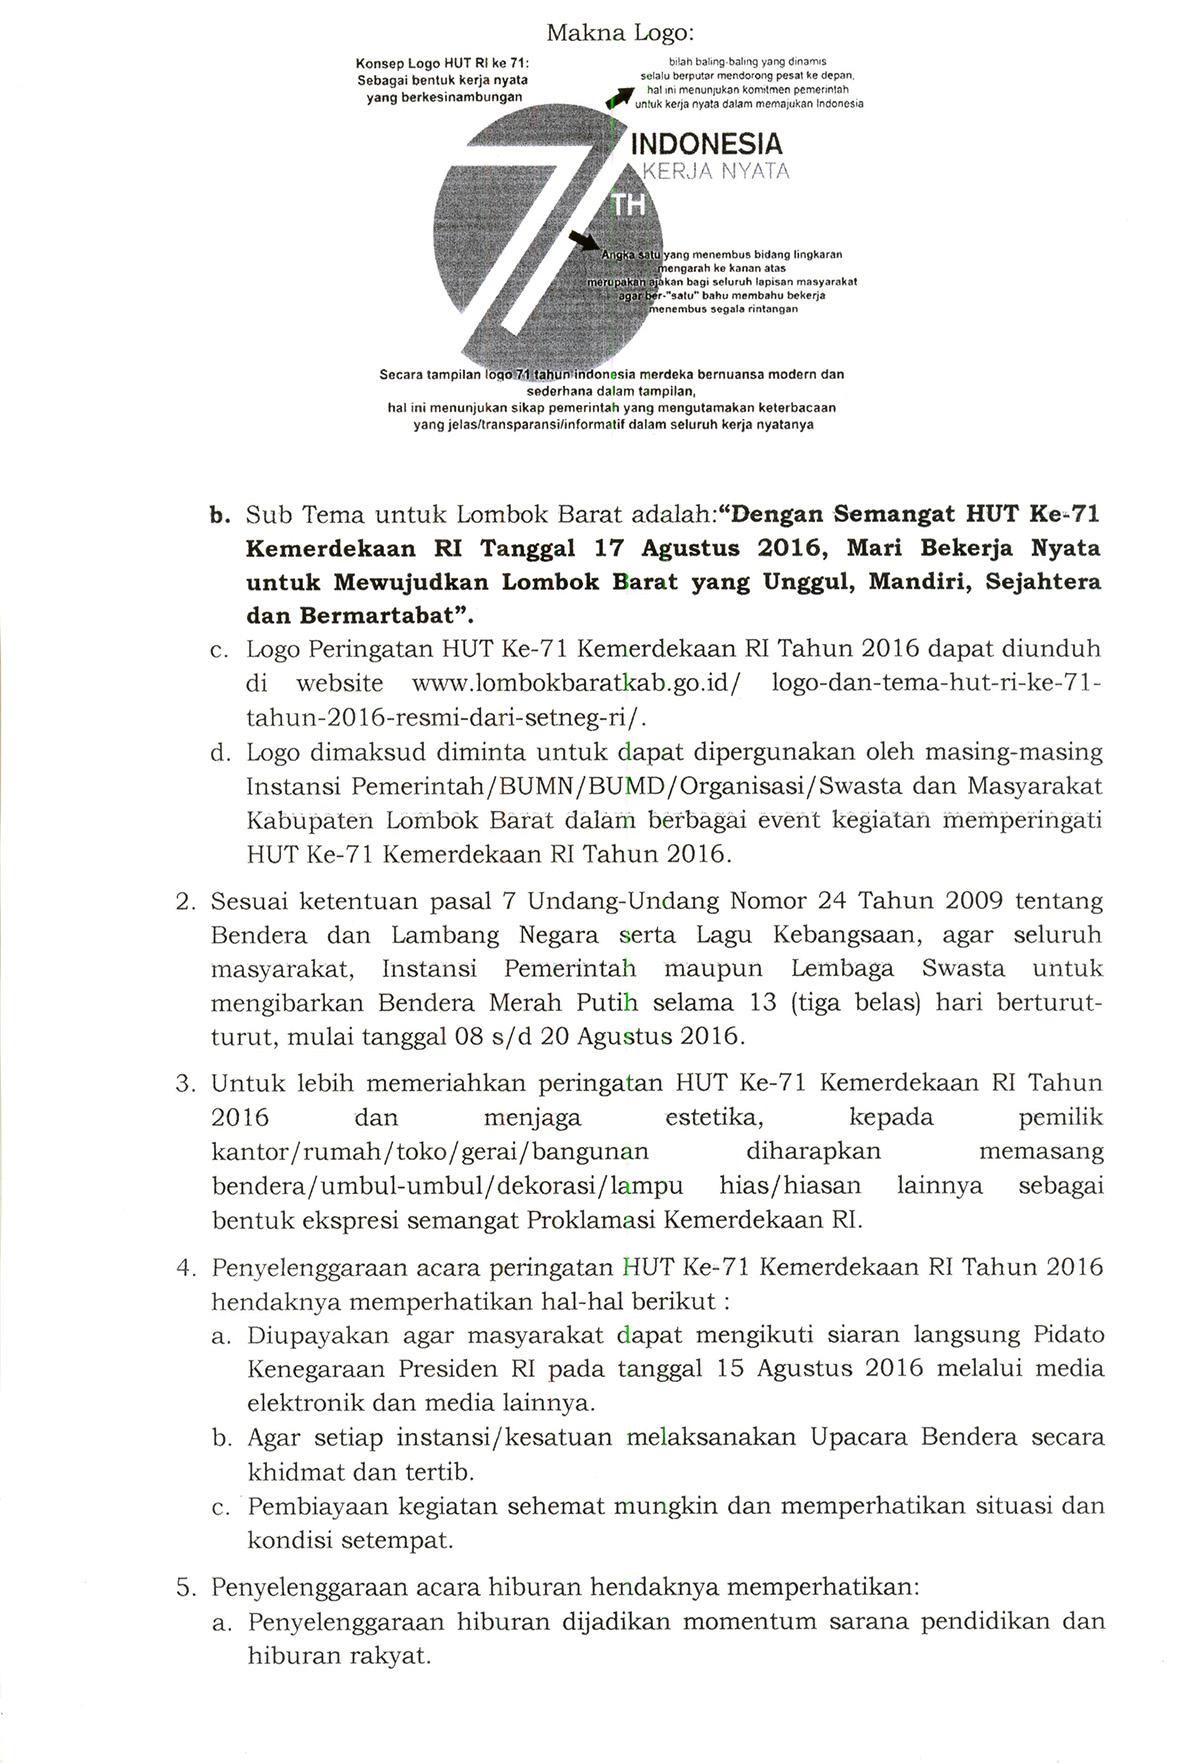 Surat Edaran Tentang Pedoman Peringatan Hut Ke 71